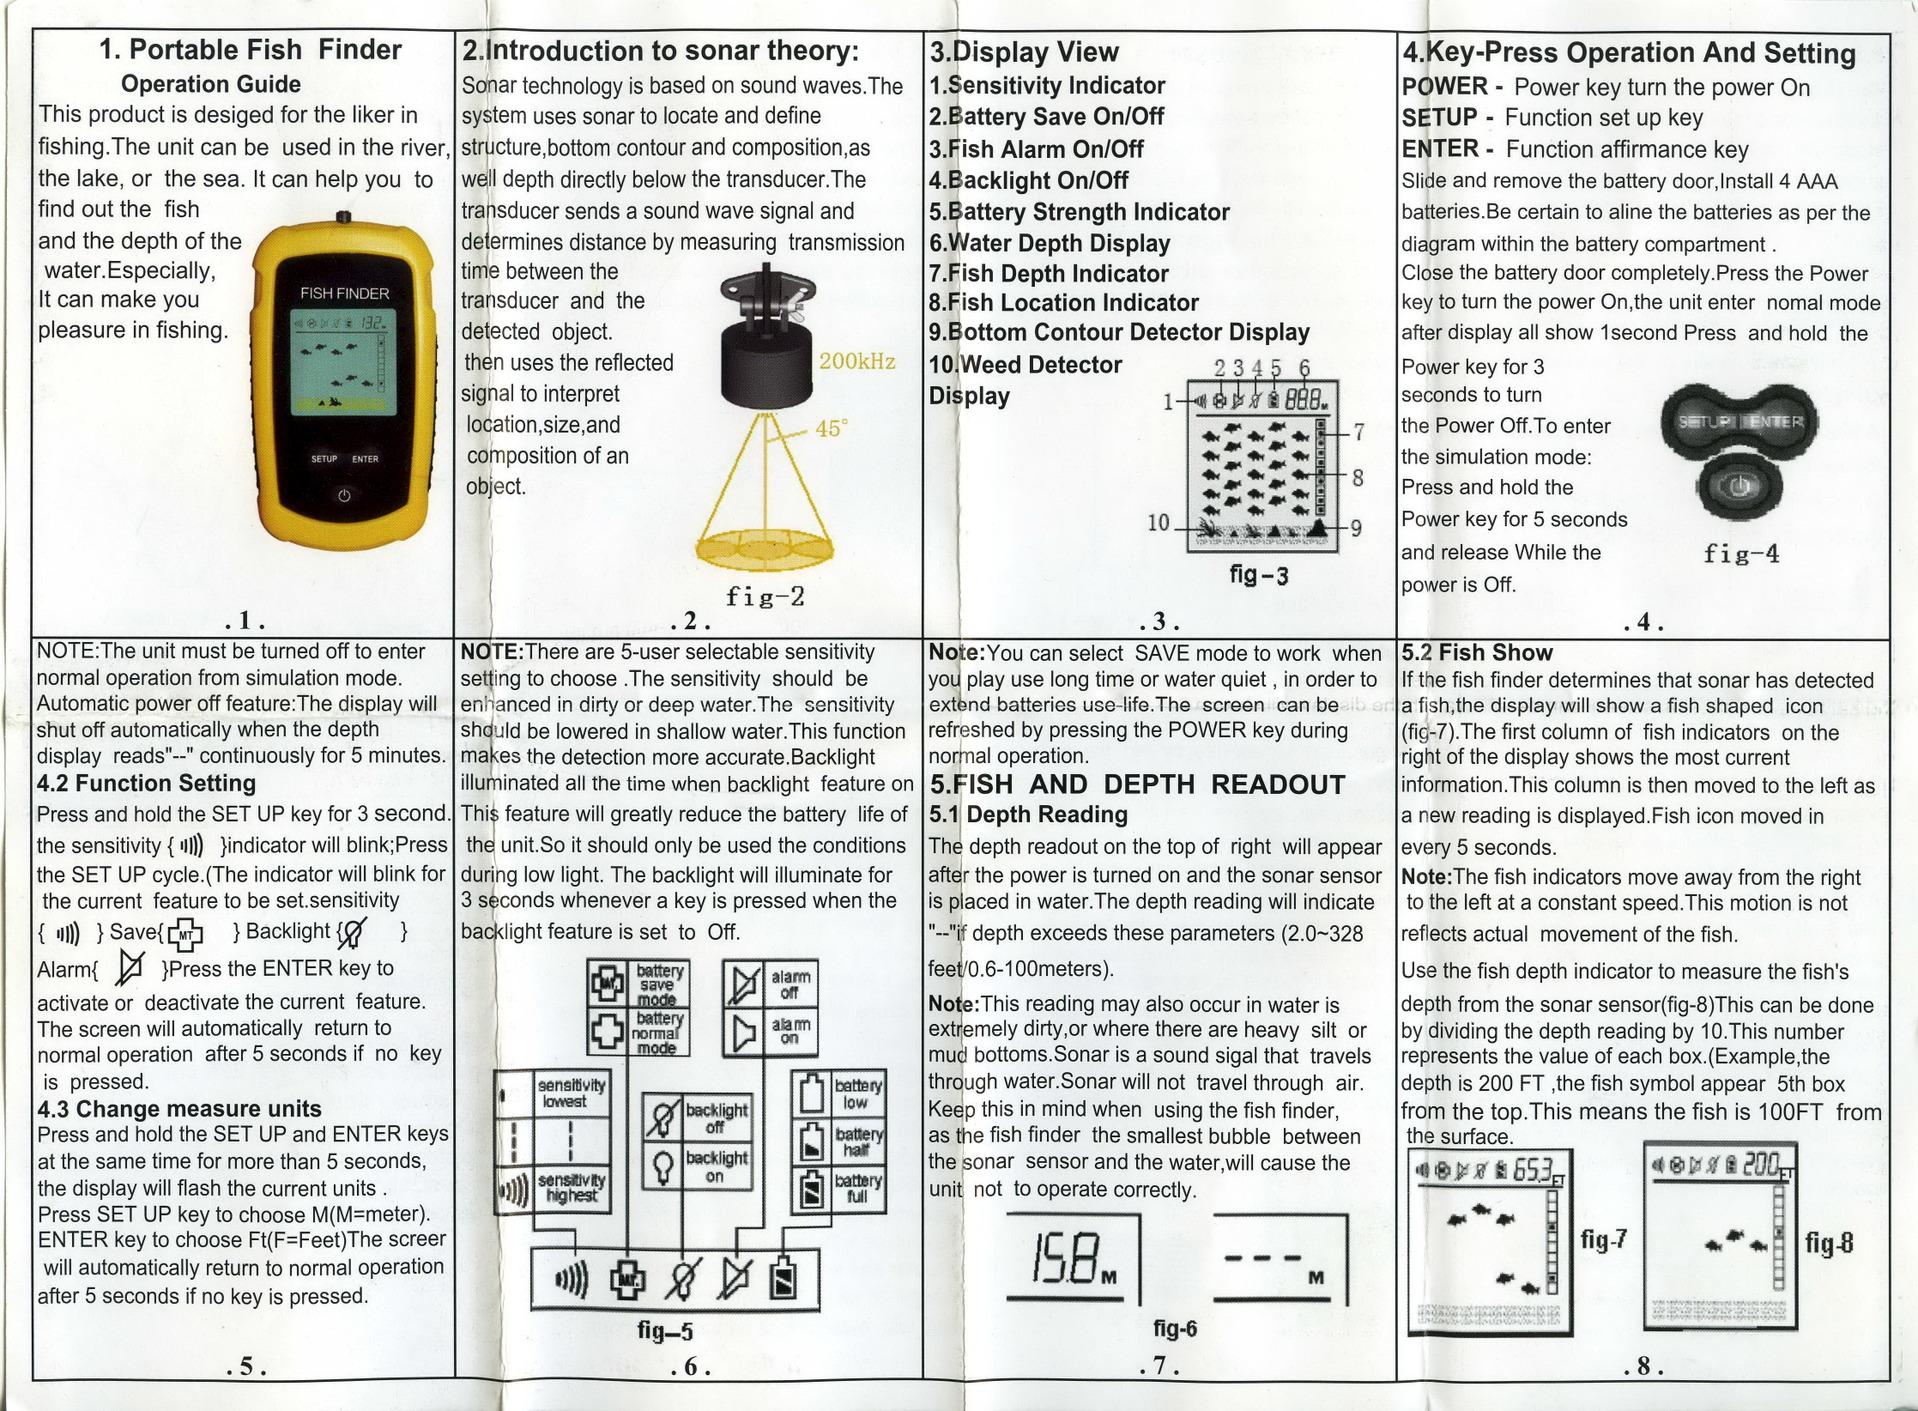 portable fish finder инструкция на русском языке